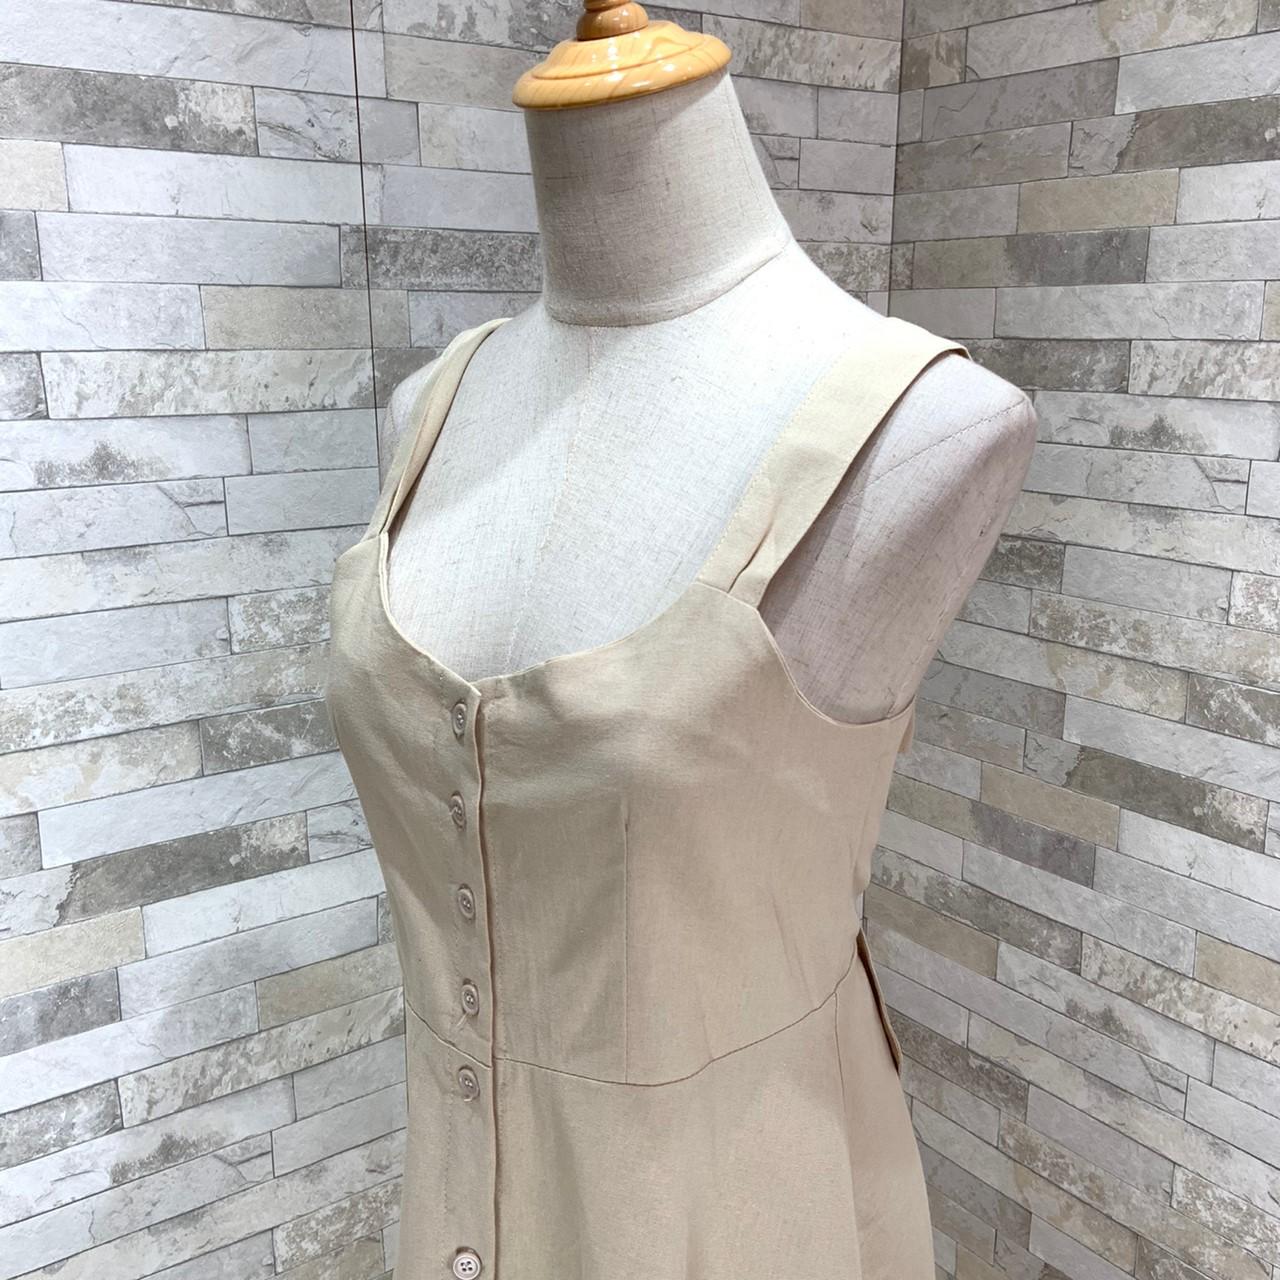 【即納】韓国 ファッション ワンピース 春 夏 秋 カジュアル SPTX5312  サロペットワンピ バックリボン ミモレ丈 ロング オルチャン シンプル 定番 セレカジの写真15枚目